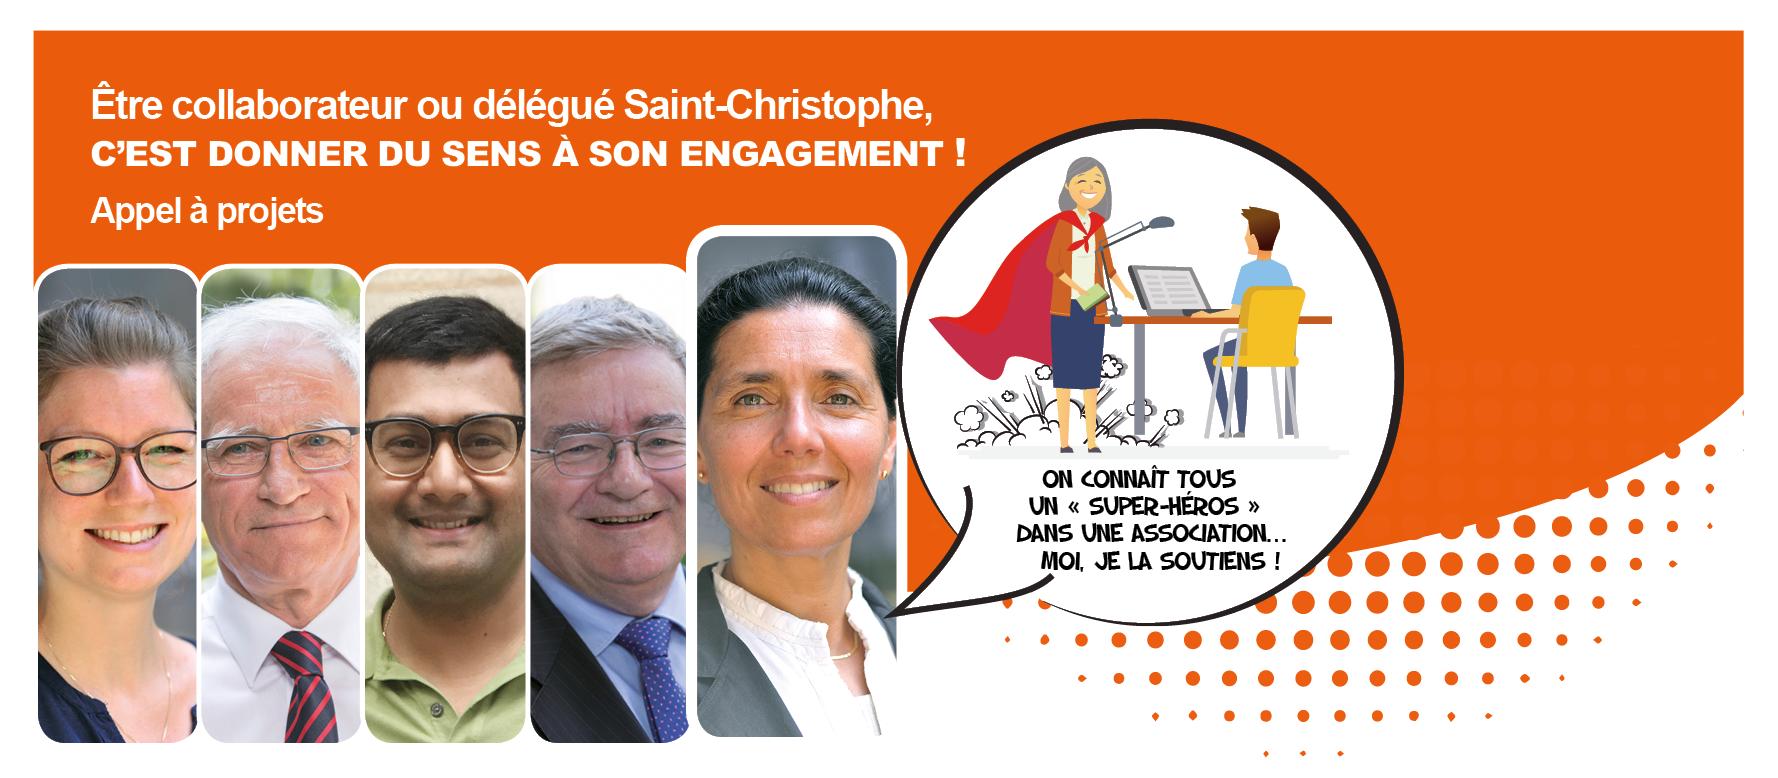 Lancement de l'appel à projets du Fonds Saint-Christophe 2018-2019